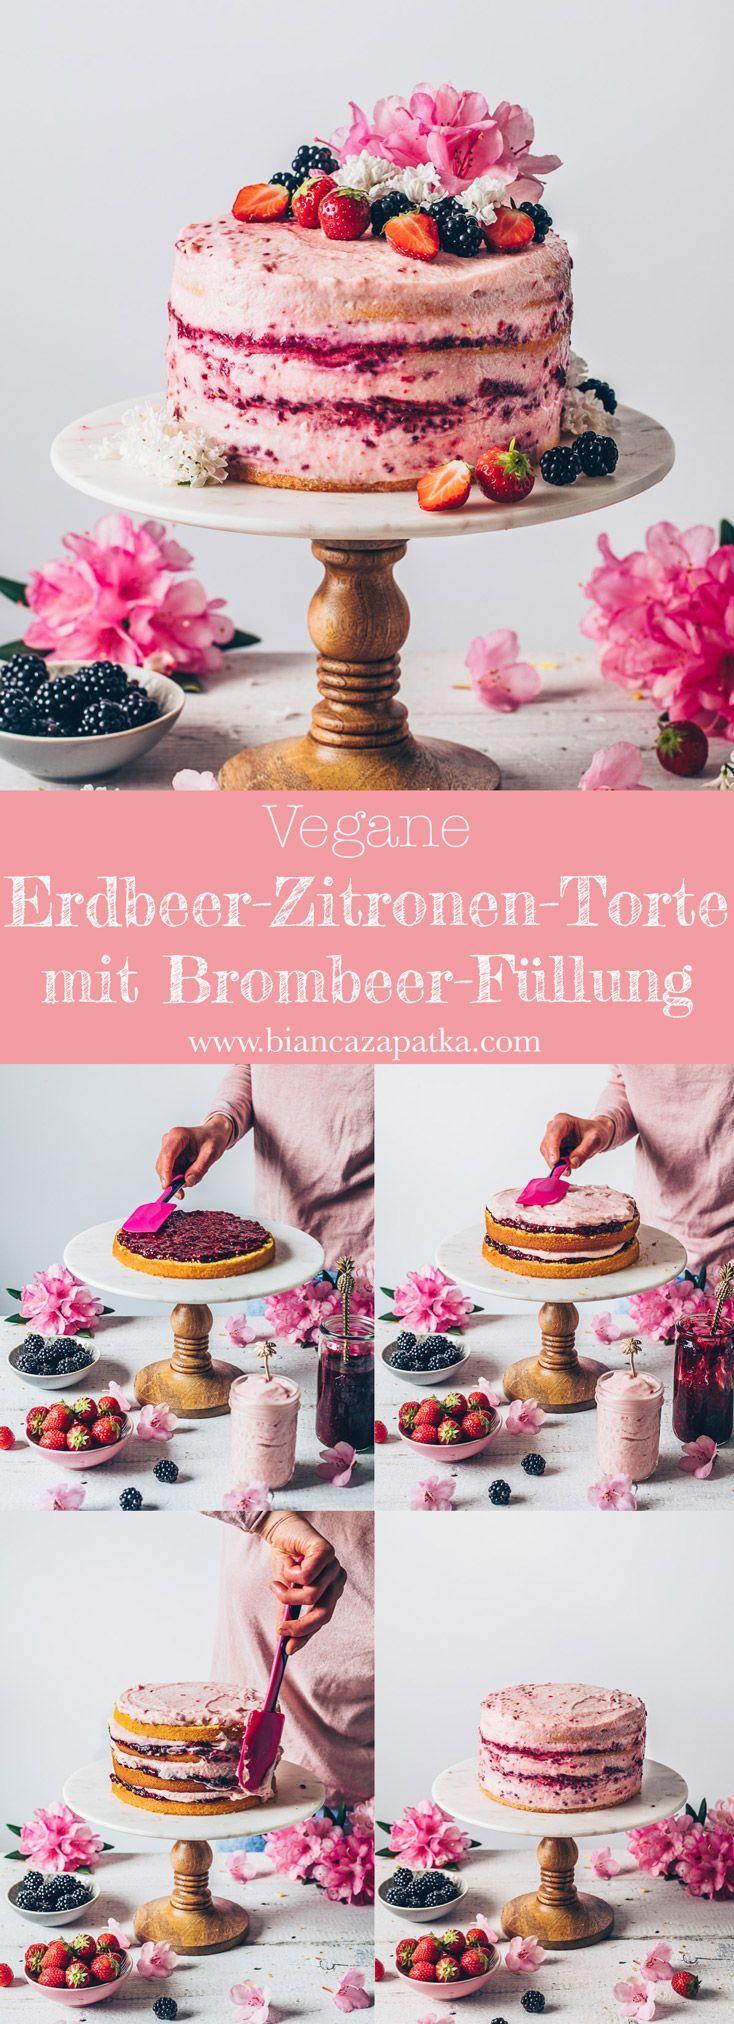 Erdbeer-Zitronen-Torte mit Brombeer-Marmelade - Bianca Zapatka | Rezepte